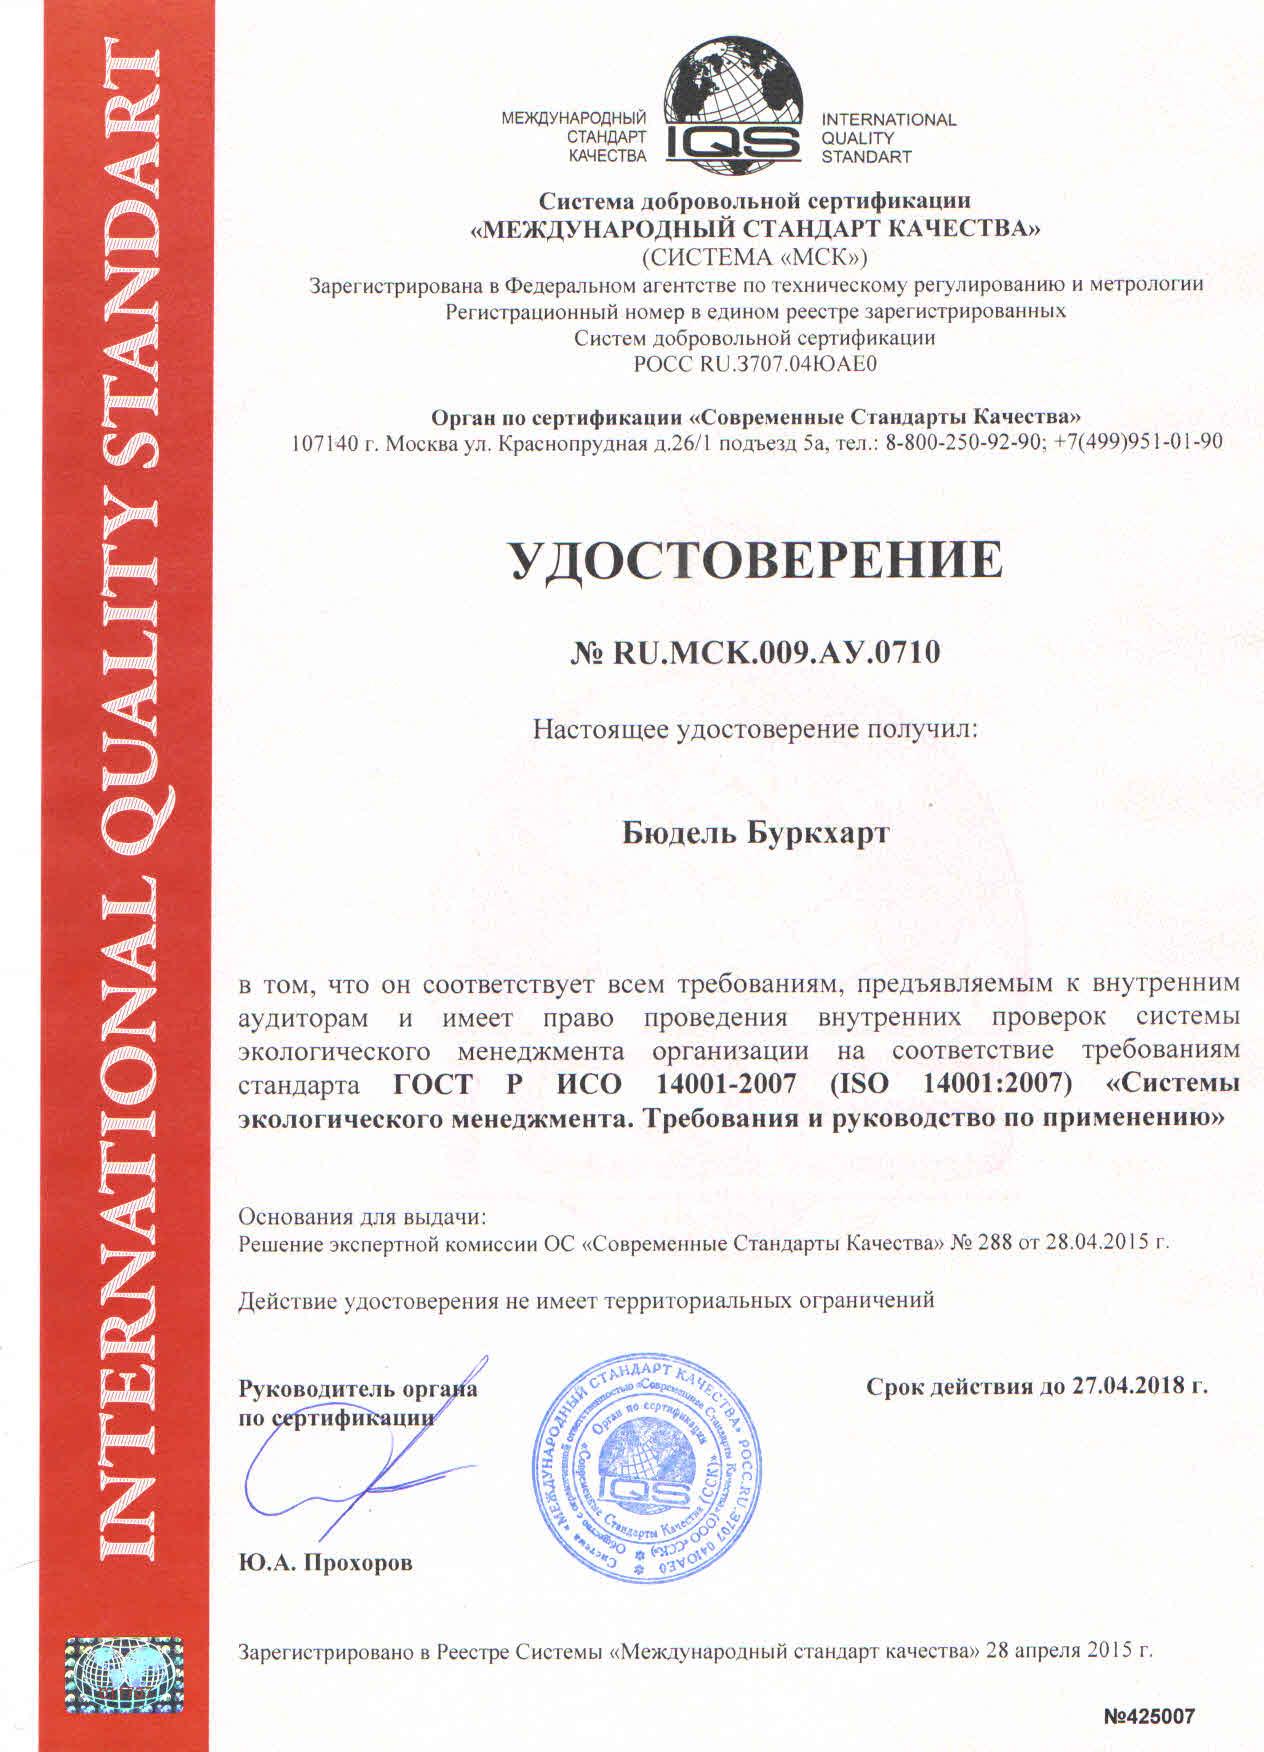 стоимость Гост ИСО 14001 2015 в Краснокаменске